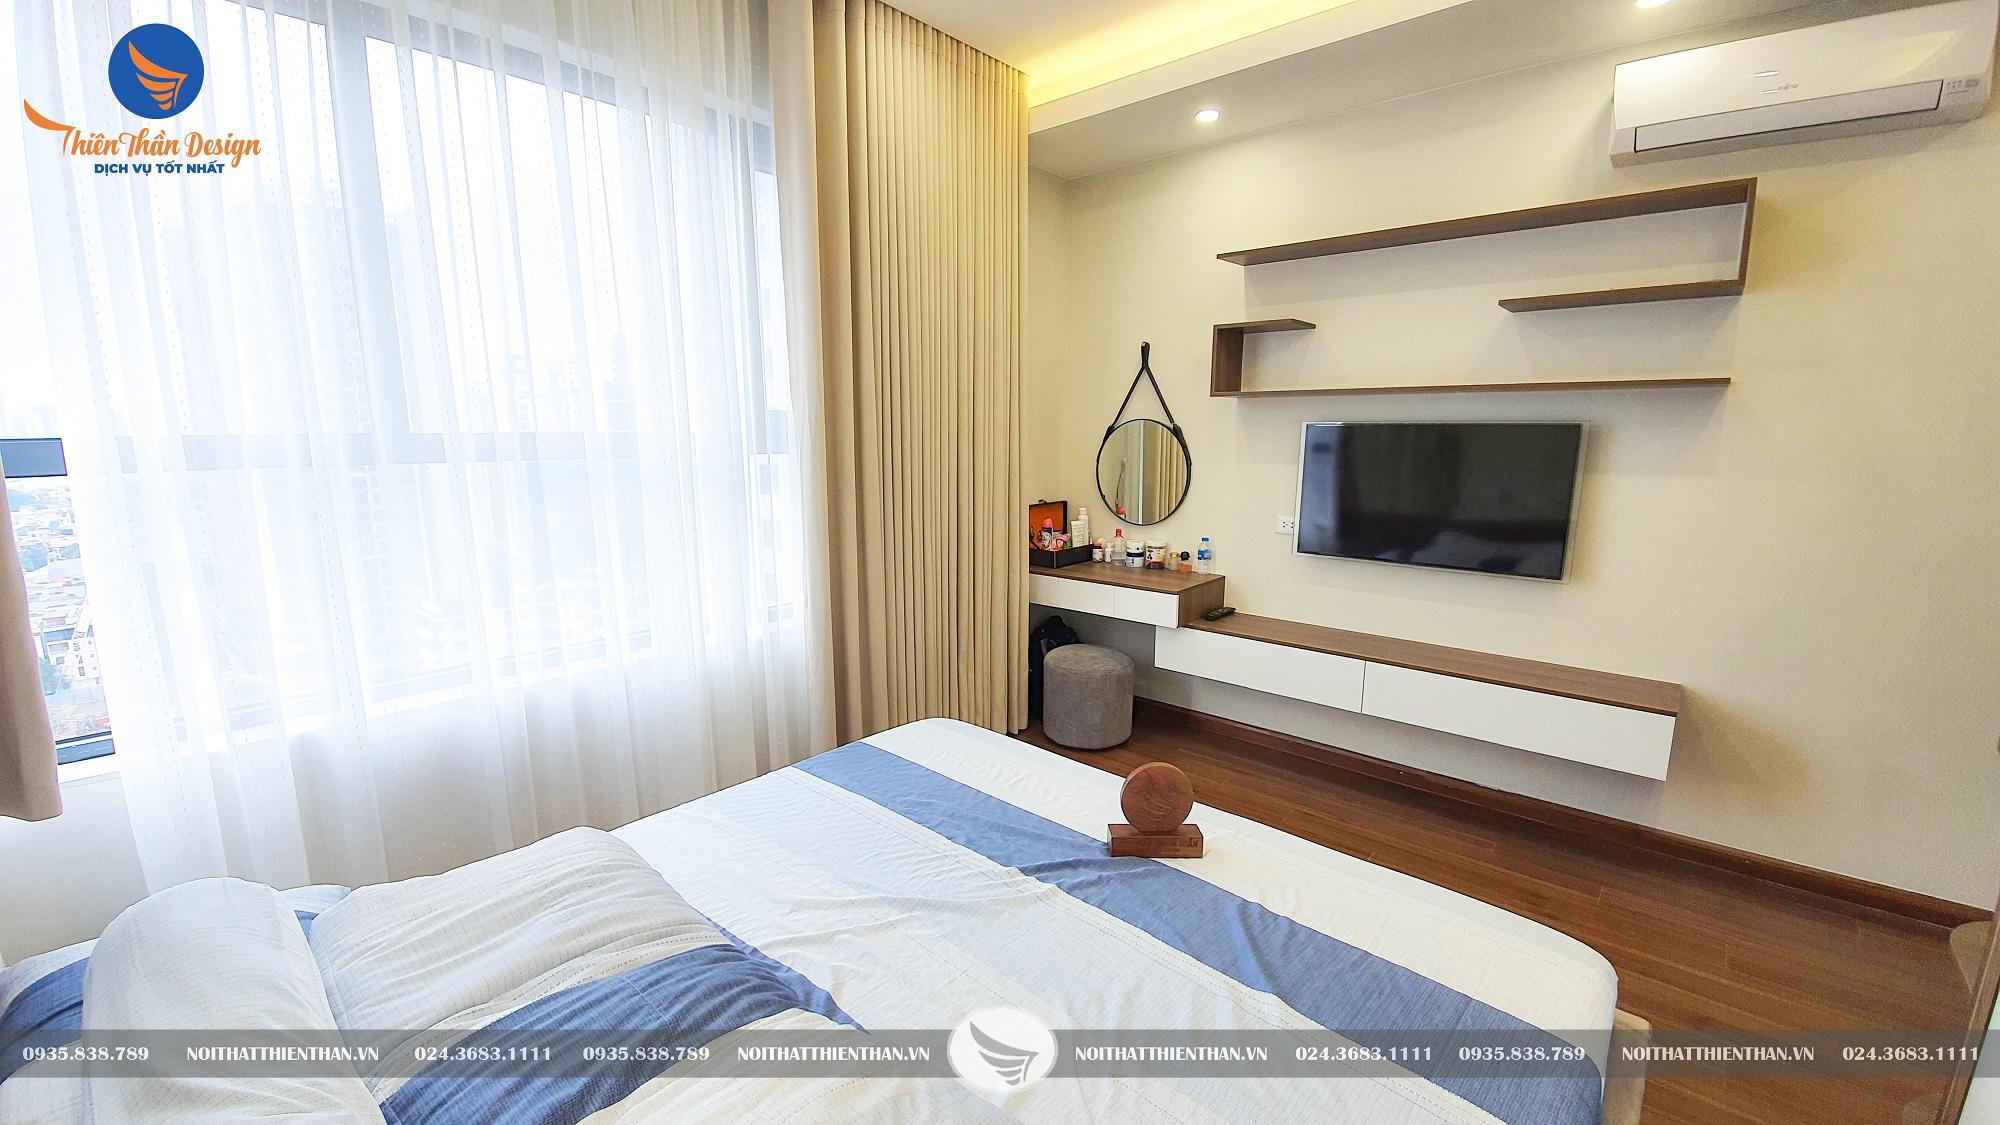 thi công nội thất chung cư hà nội mẫu phòng ngủ đẹp